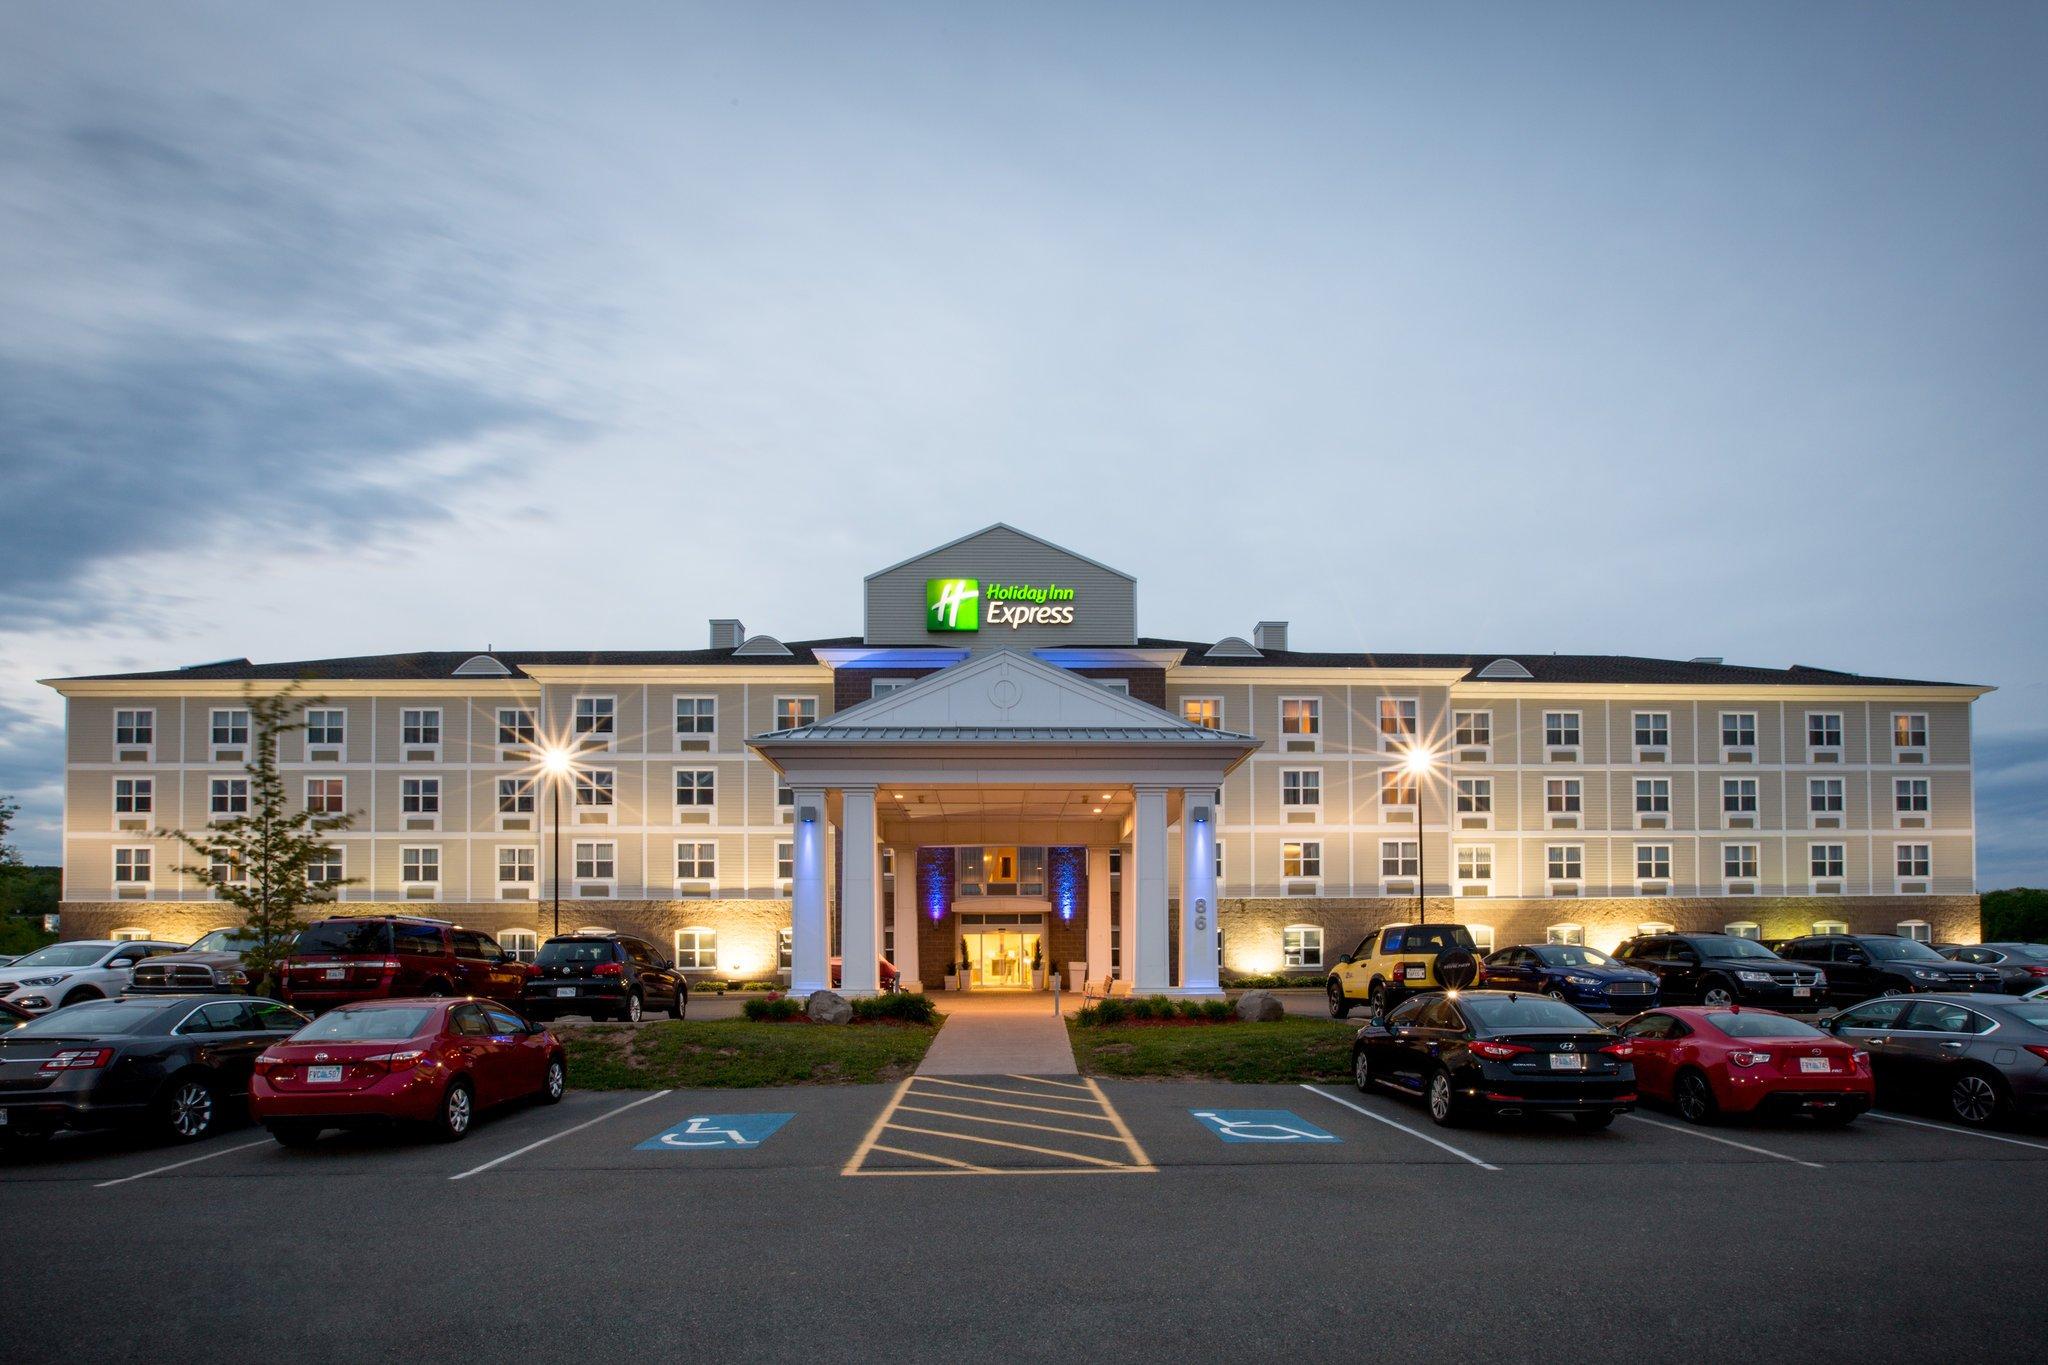 斯特拉頓新格拉斯哥智選假日飯店